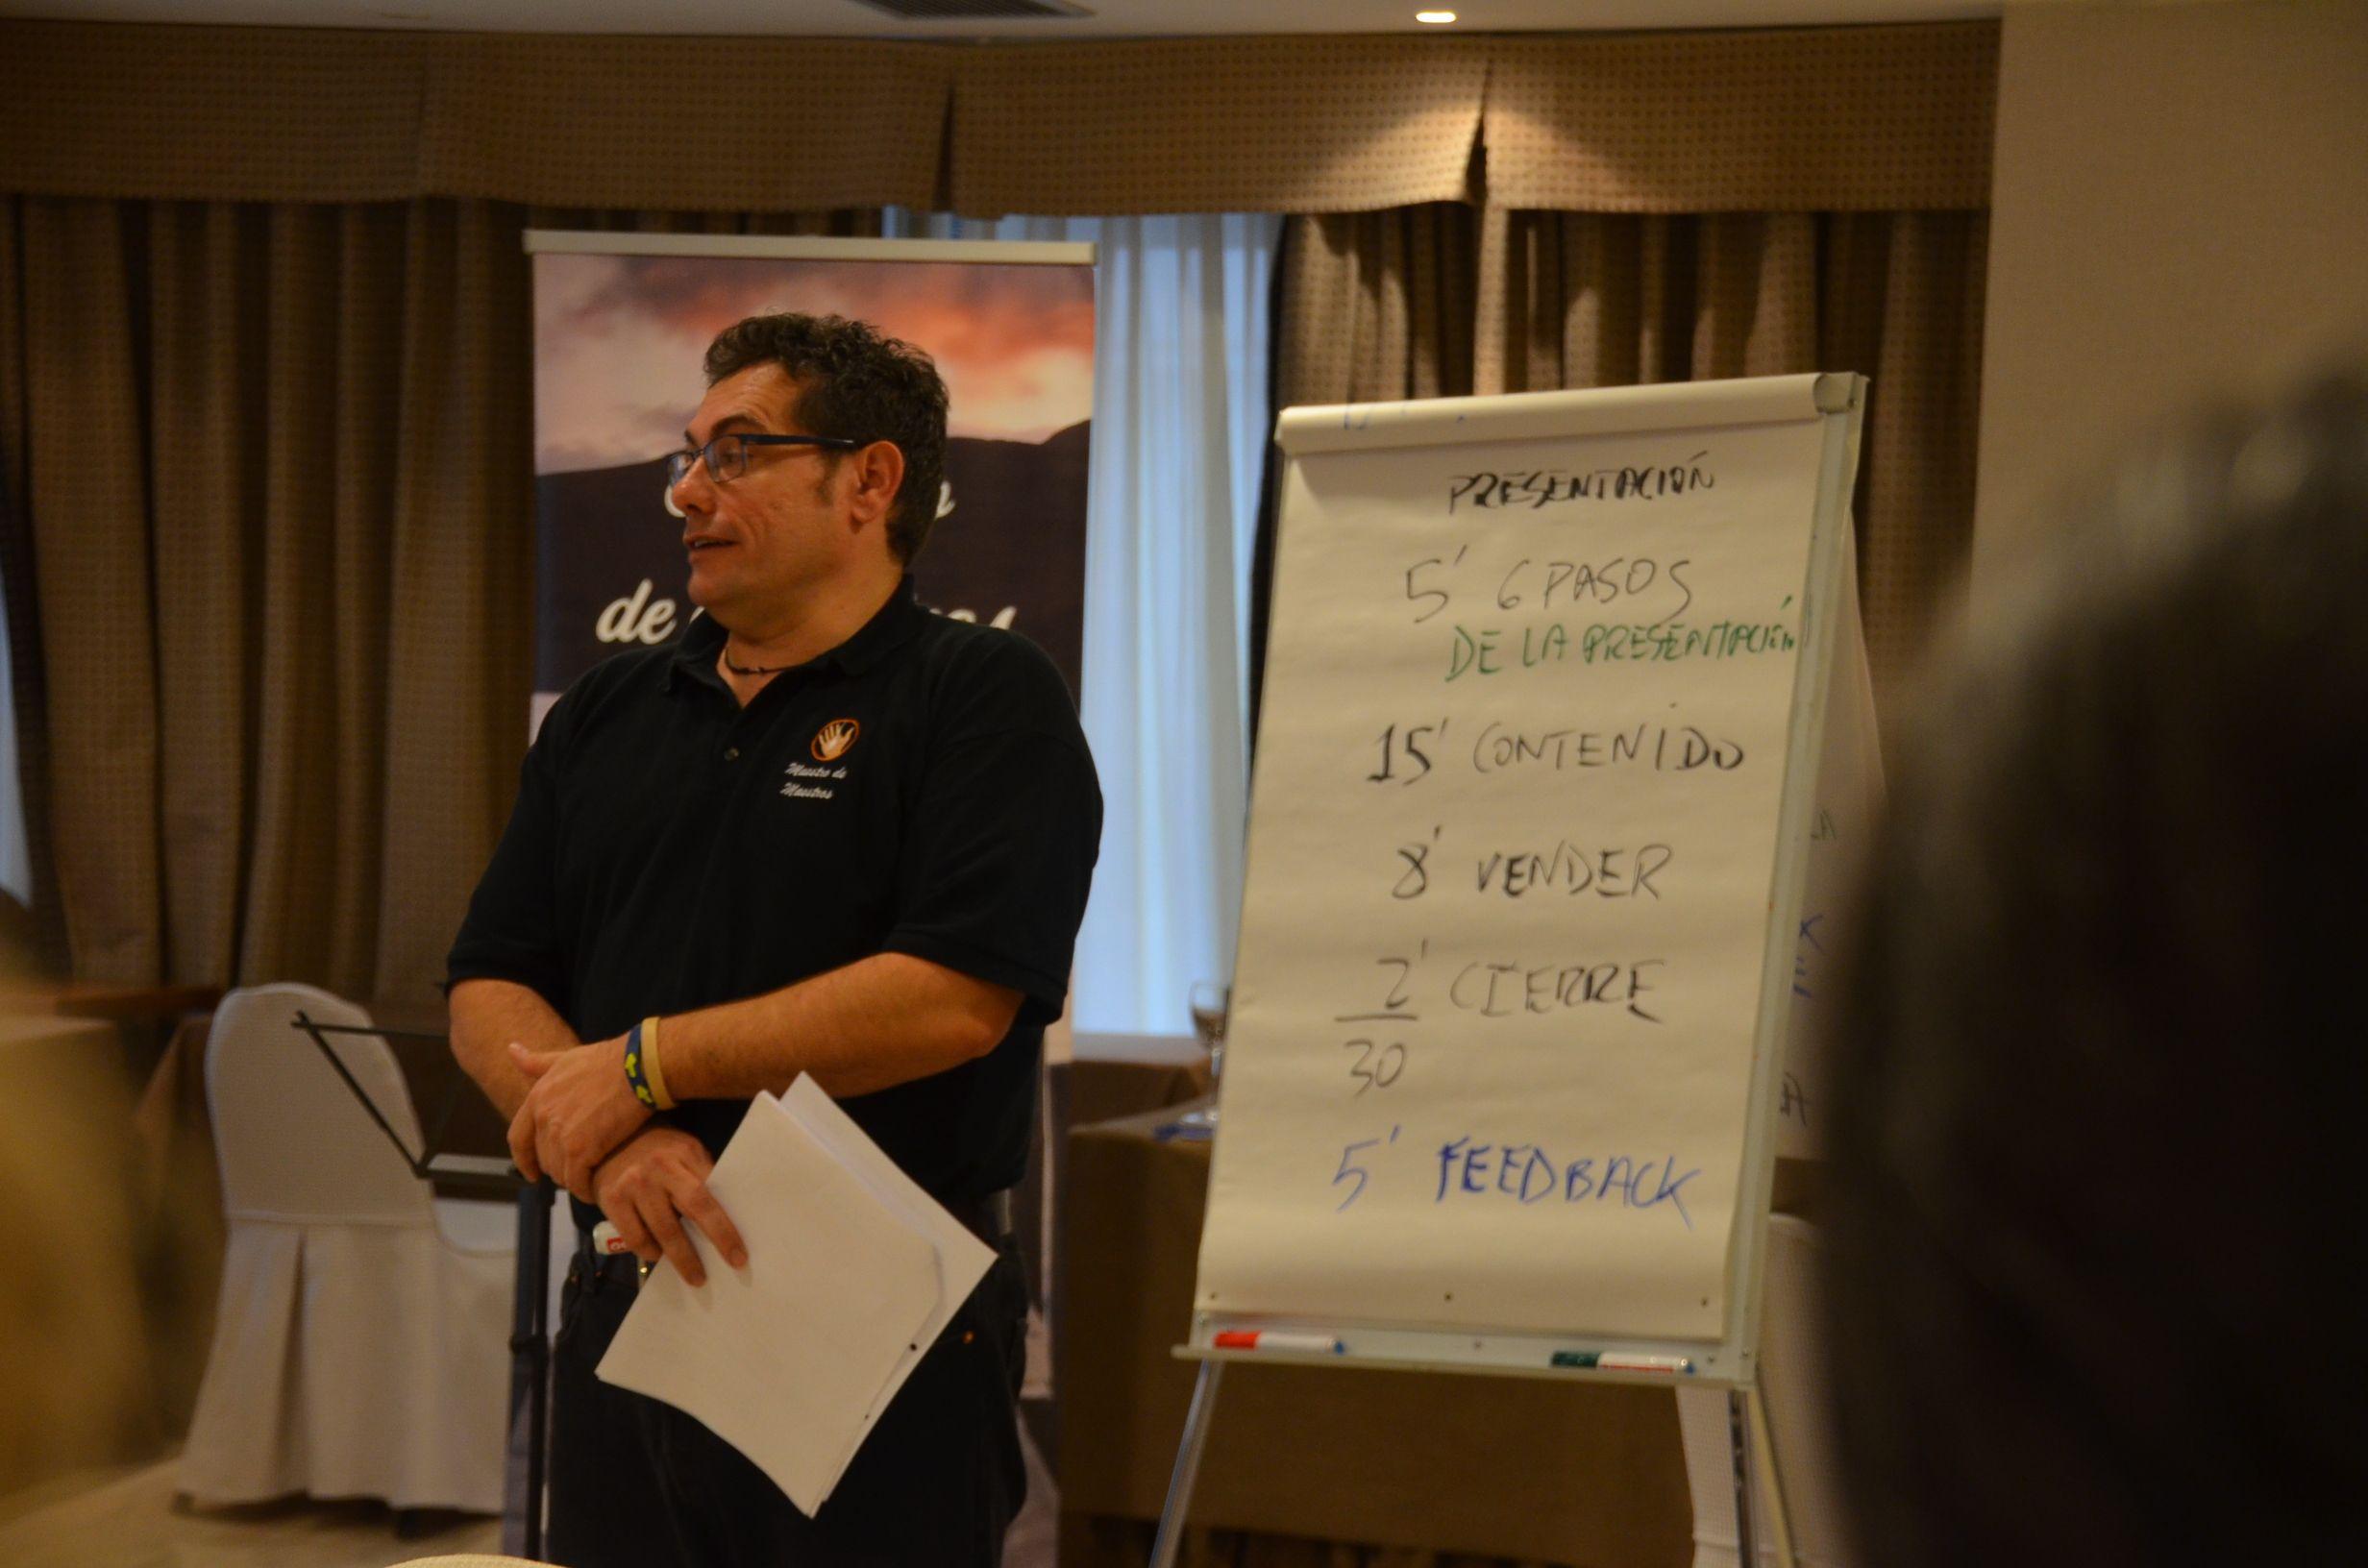 7ª EDICIÓN MAESTRO DE MAESTROS, nov 14.     ¿Por dónde andábamos?  #maestrodemaestros #josepecoach #coaching